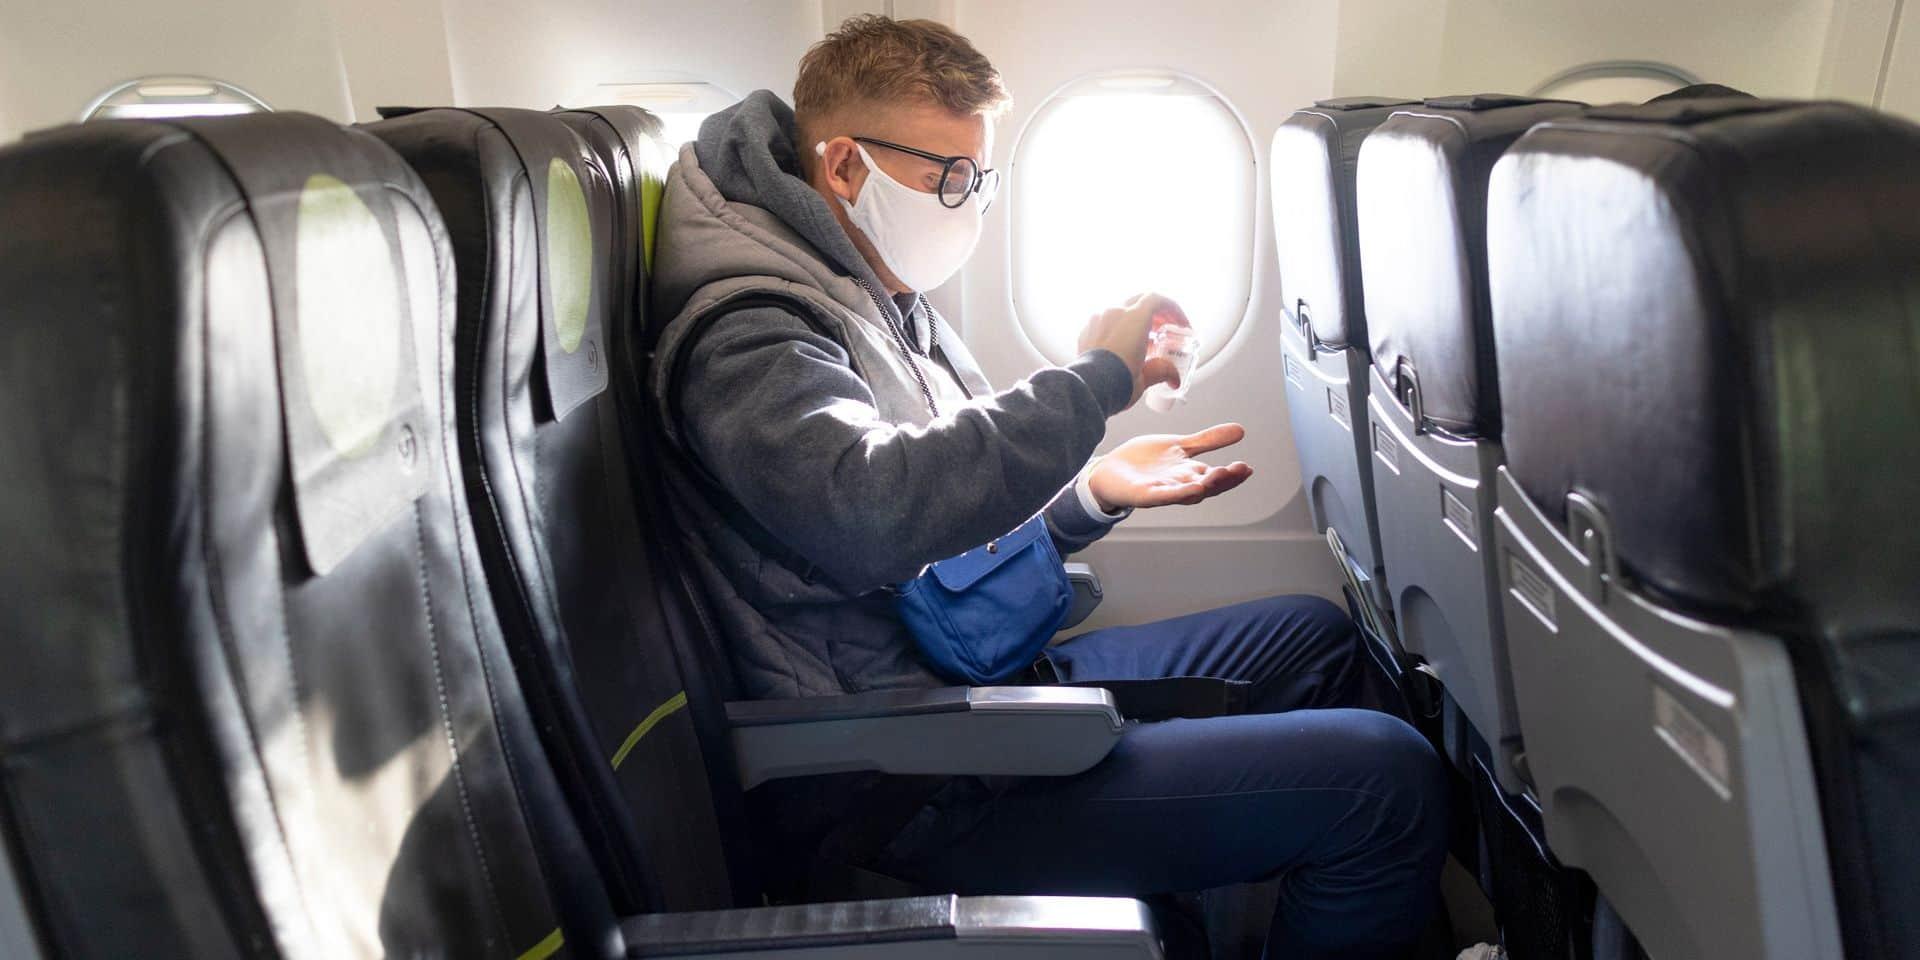 Quels sont les risques de transmission du coronavirus dans un avion ? Des chercheurs font le point